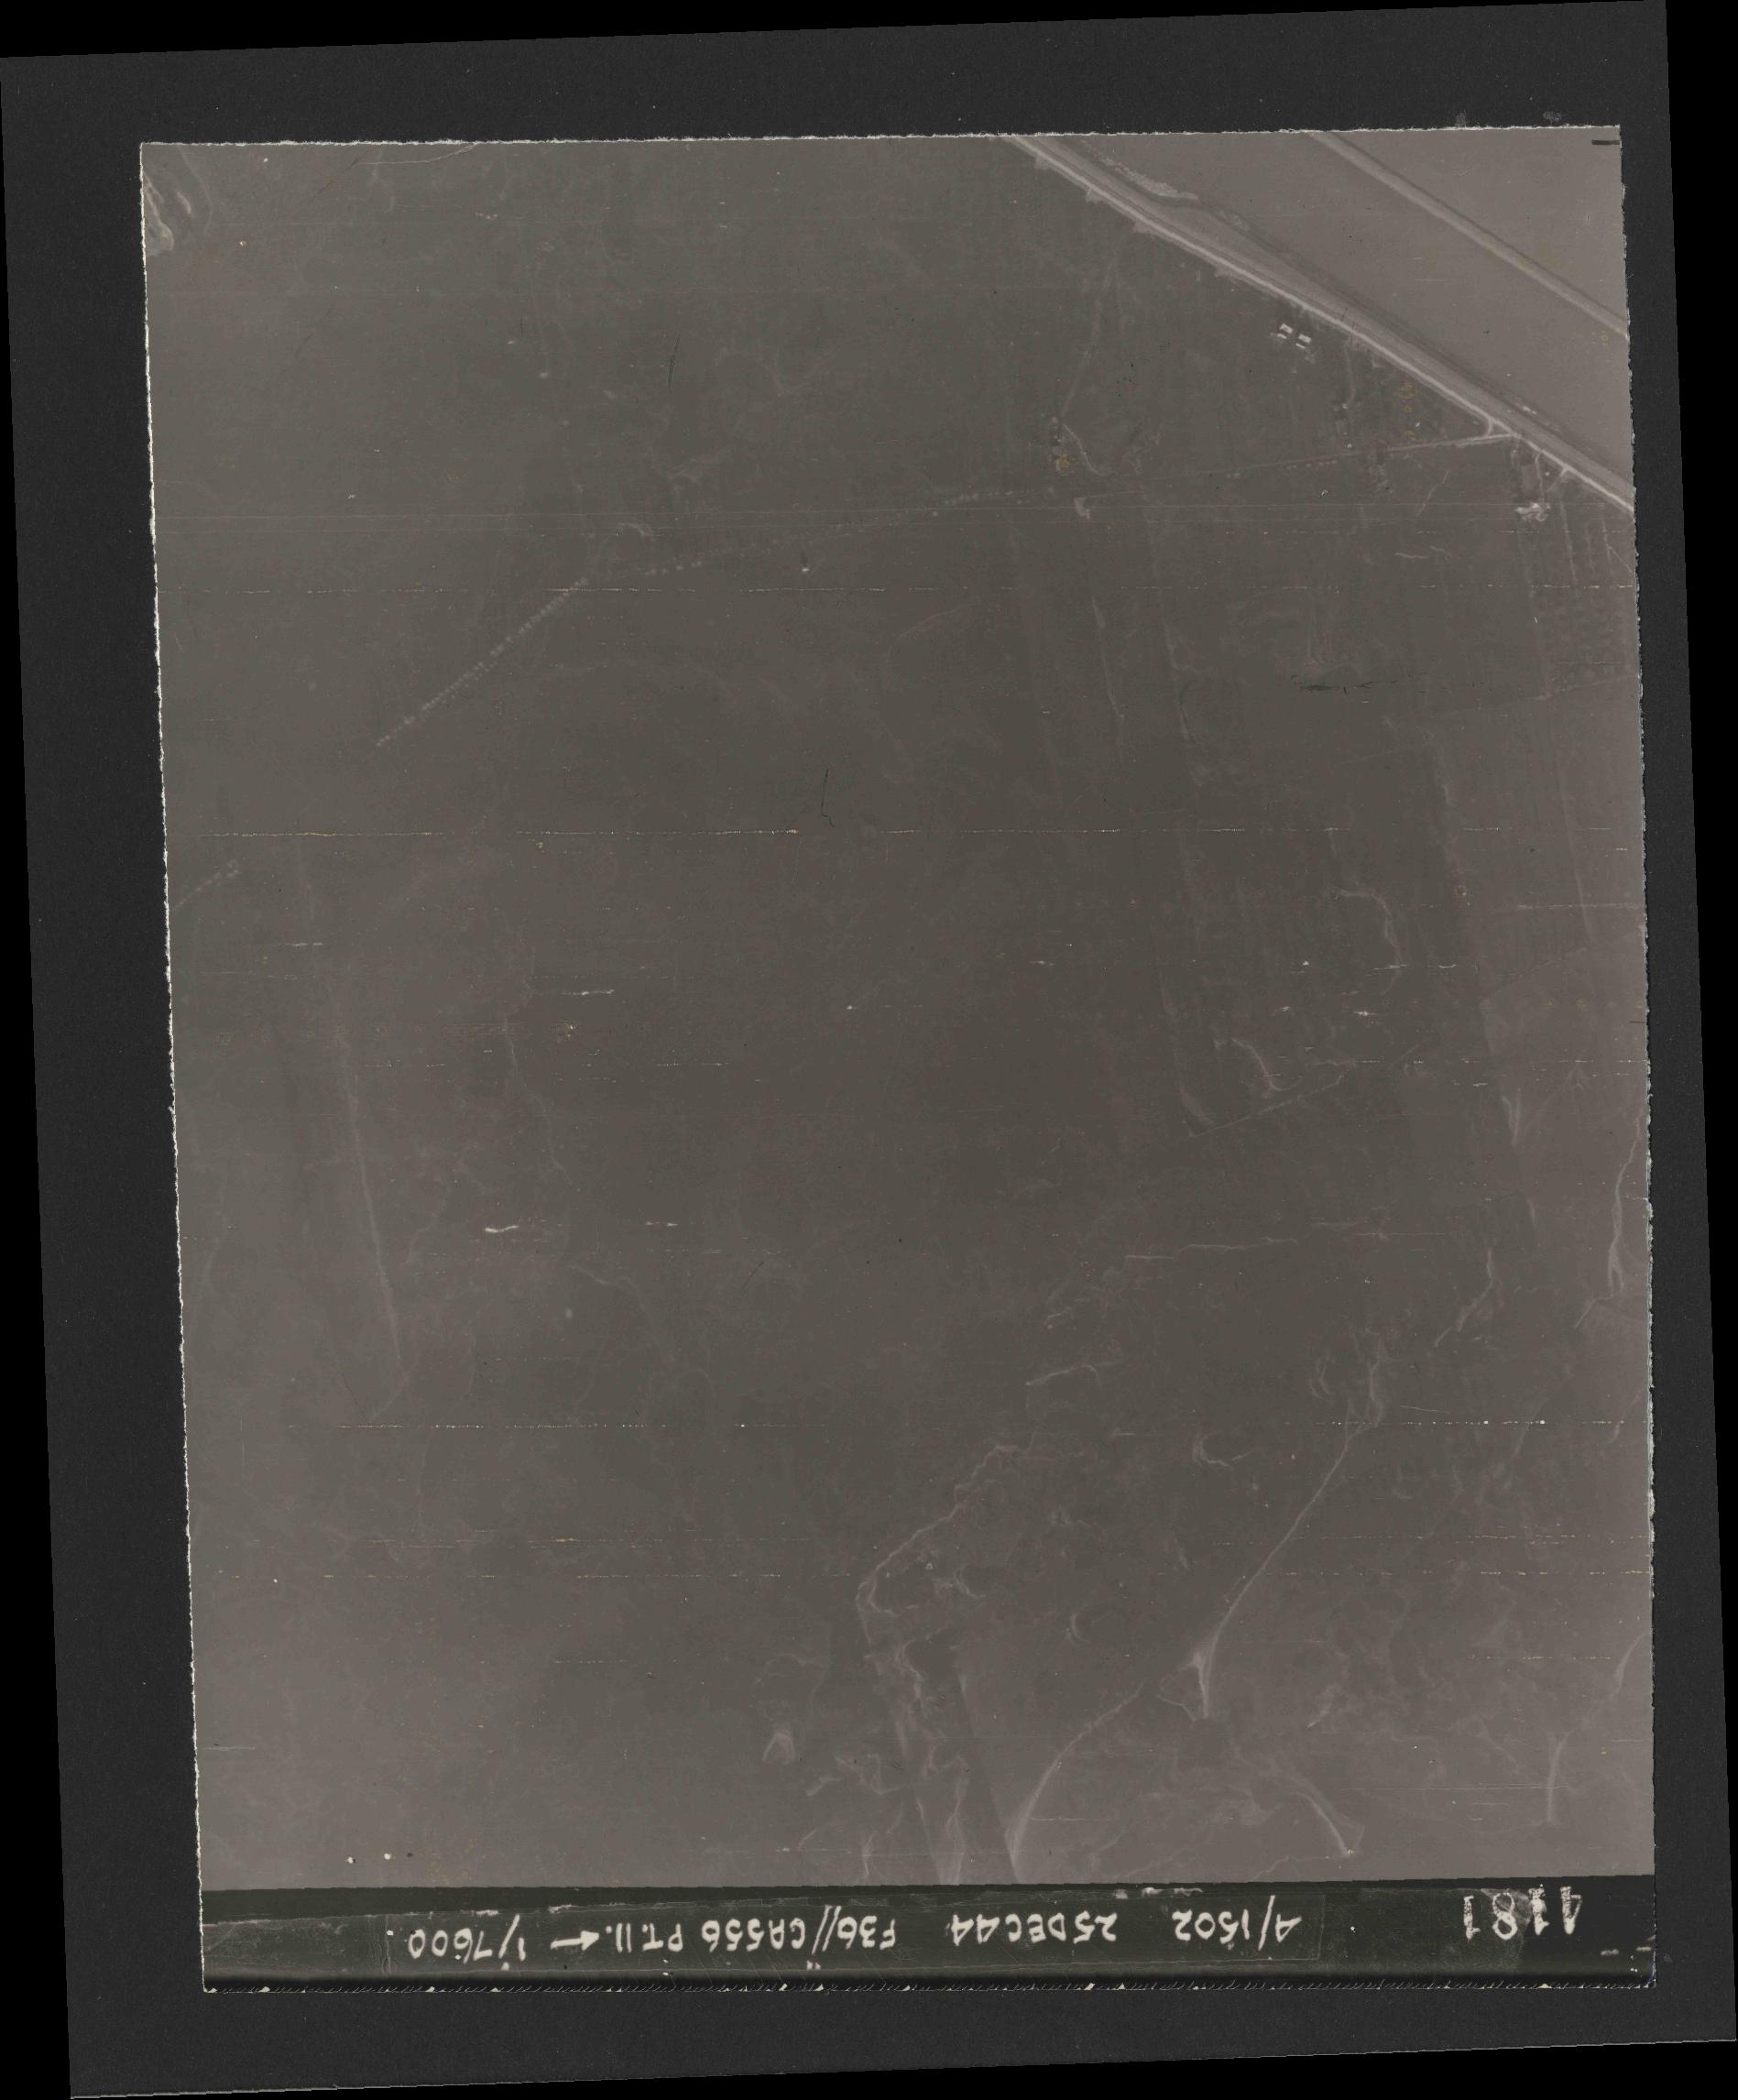 Collection RAF aerial photos 1940-1945 - flight 306, run 05, photo 4181